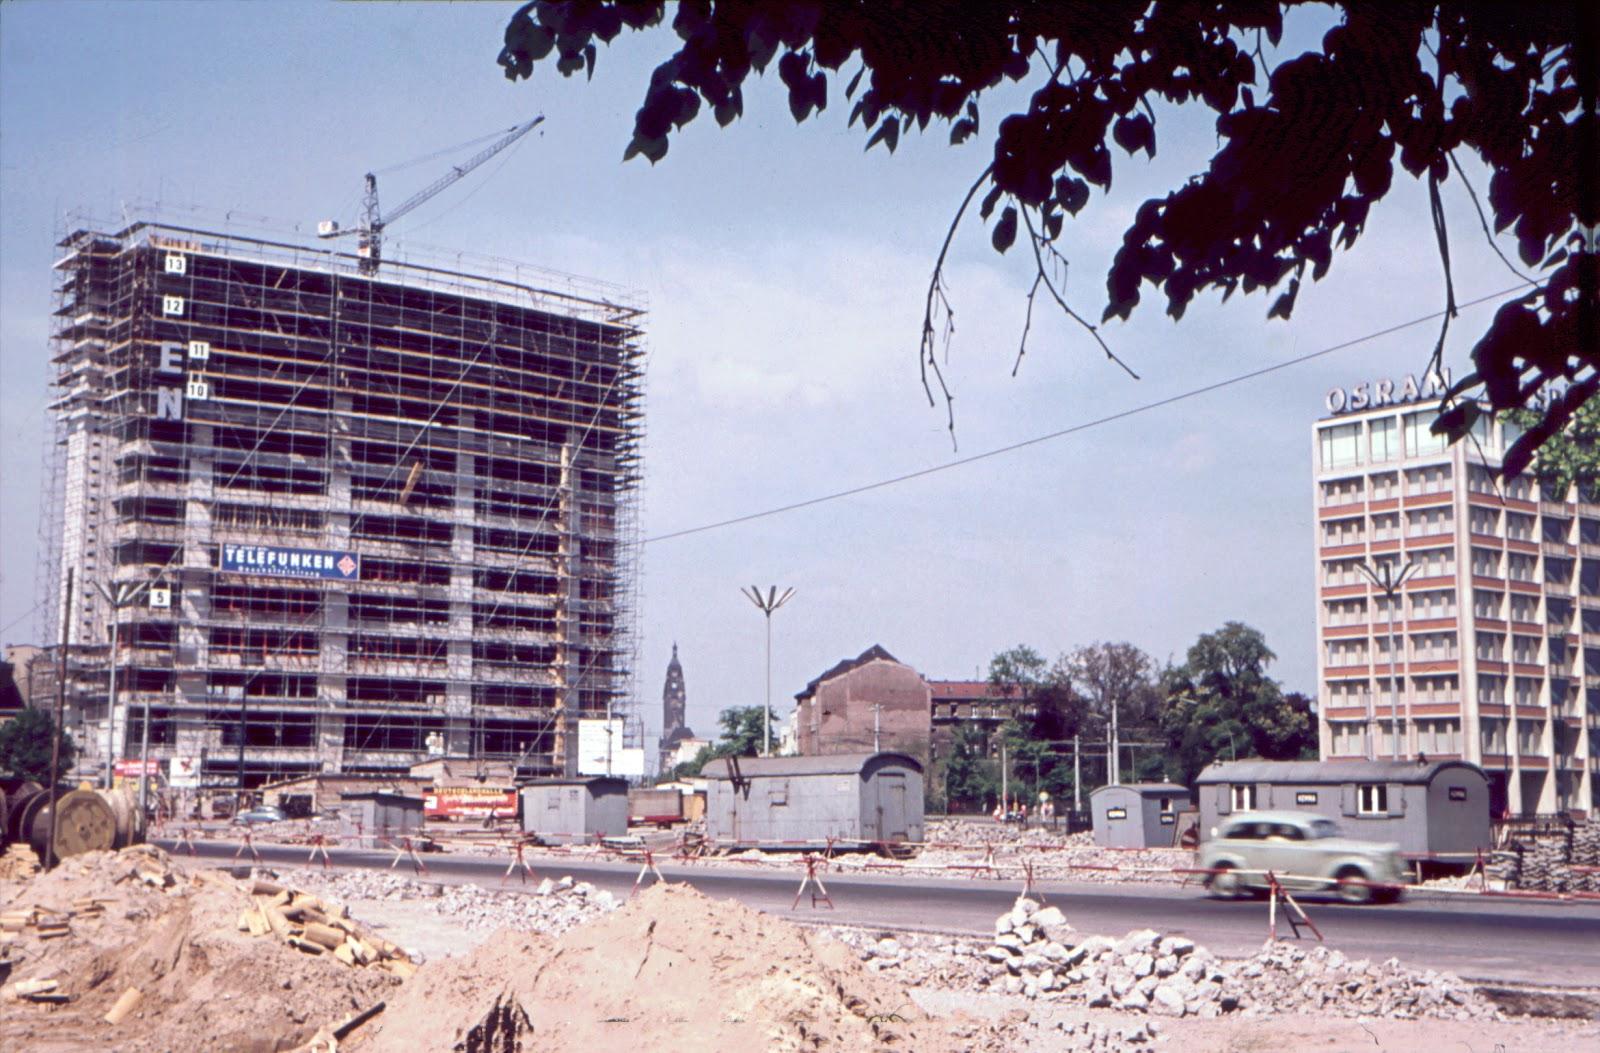 Baustelle Historisch, Ernst-Reuter-Platz, 10587 Berlin, 1950er Jahre